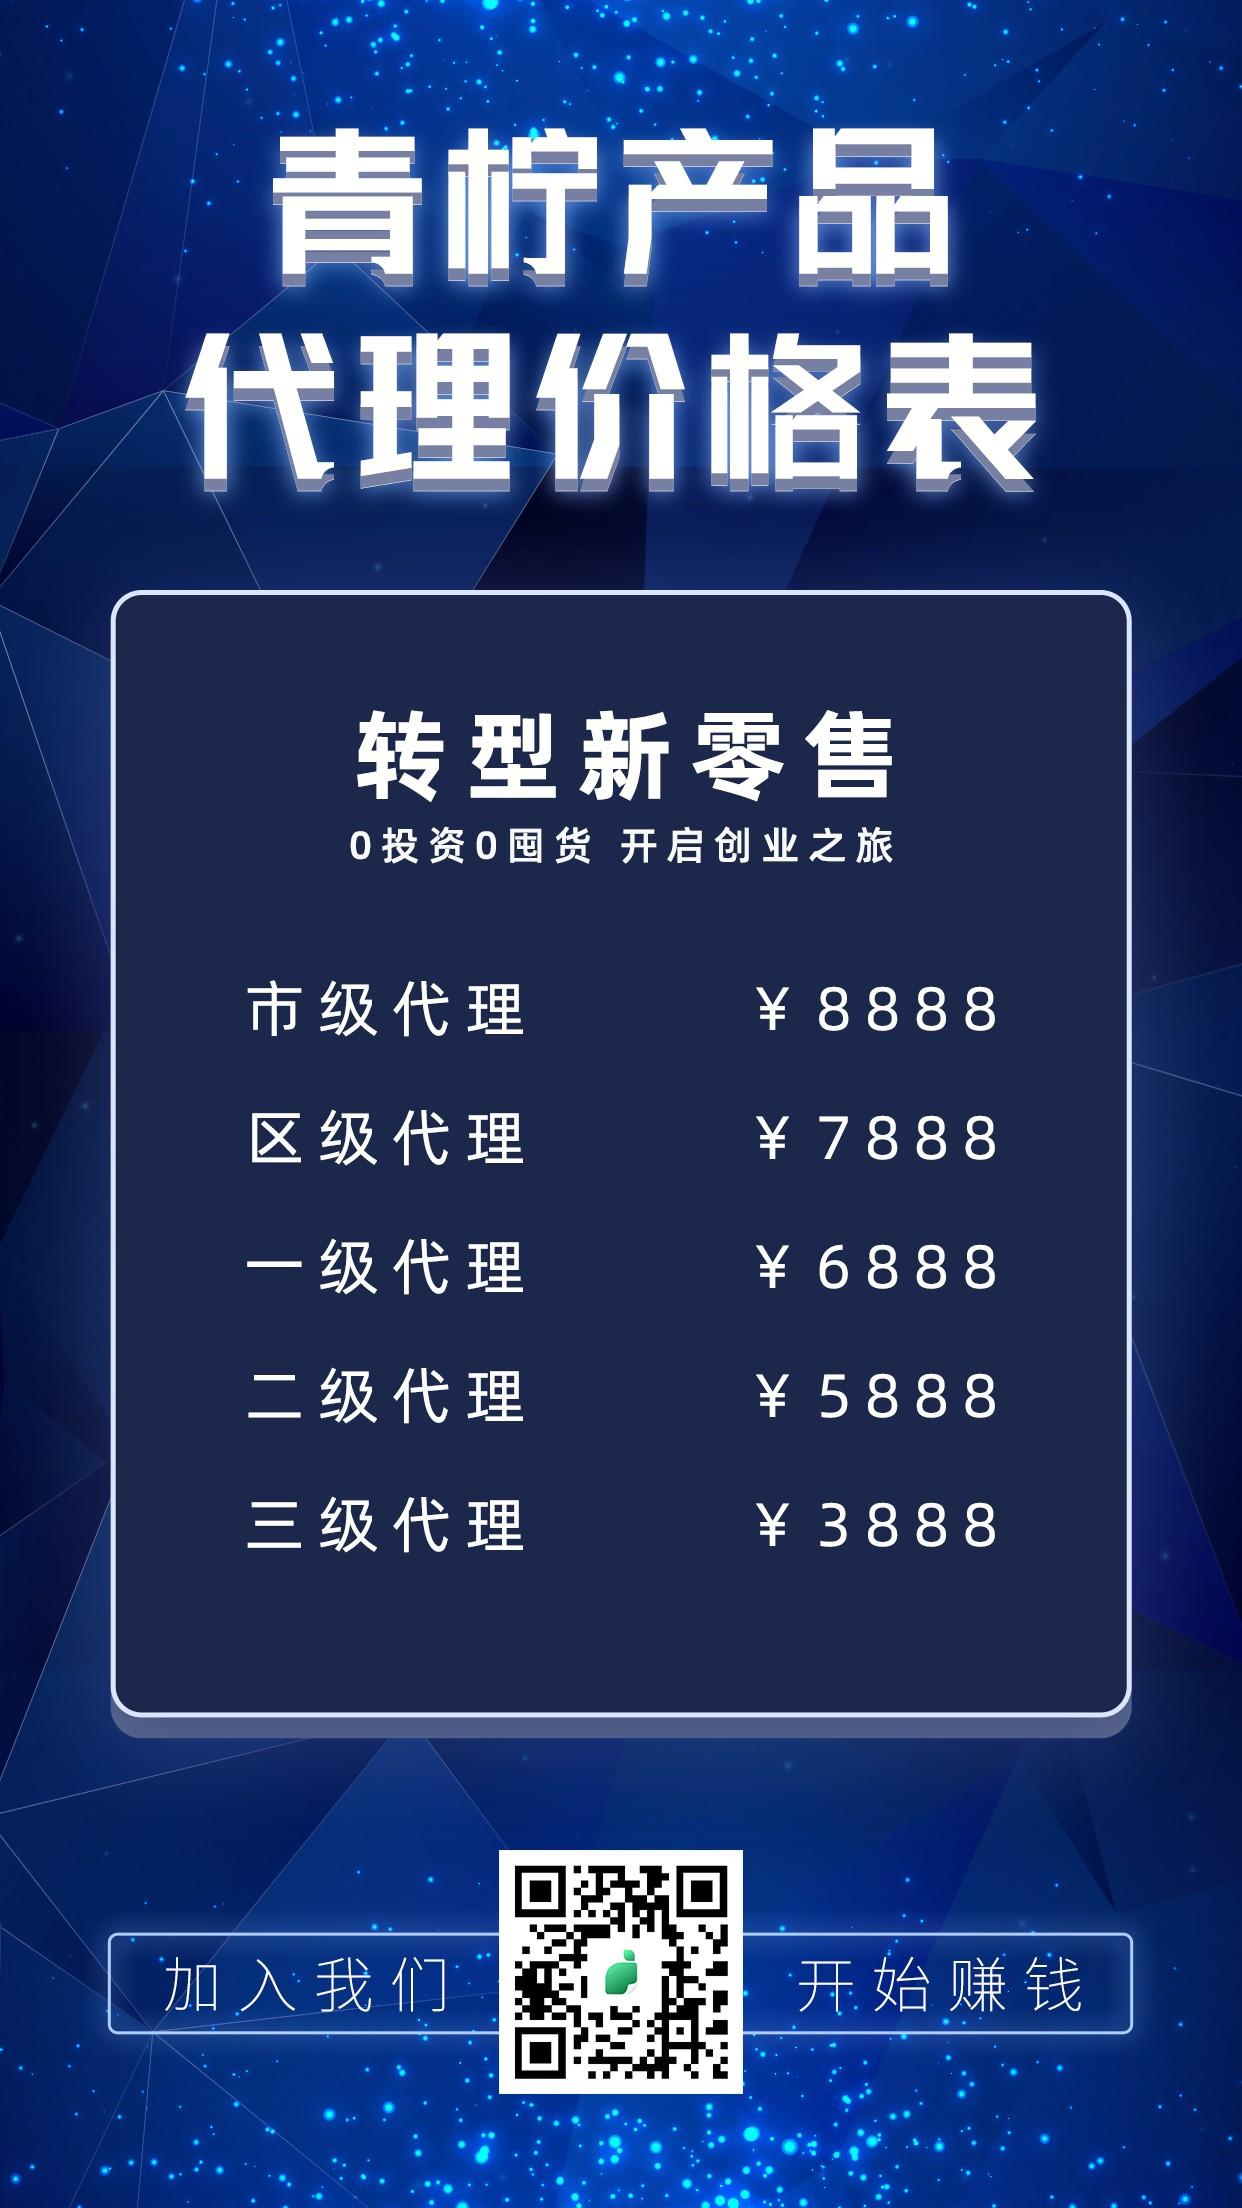 酷炫微商团购产品价格表手机海报